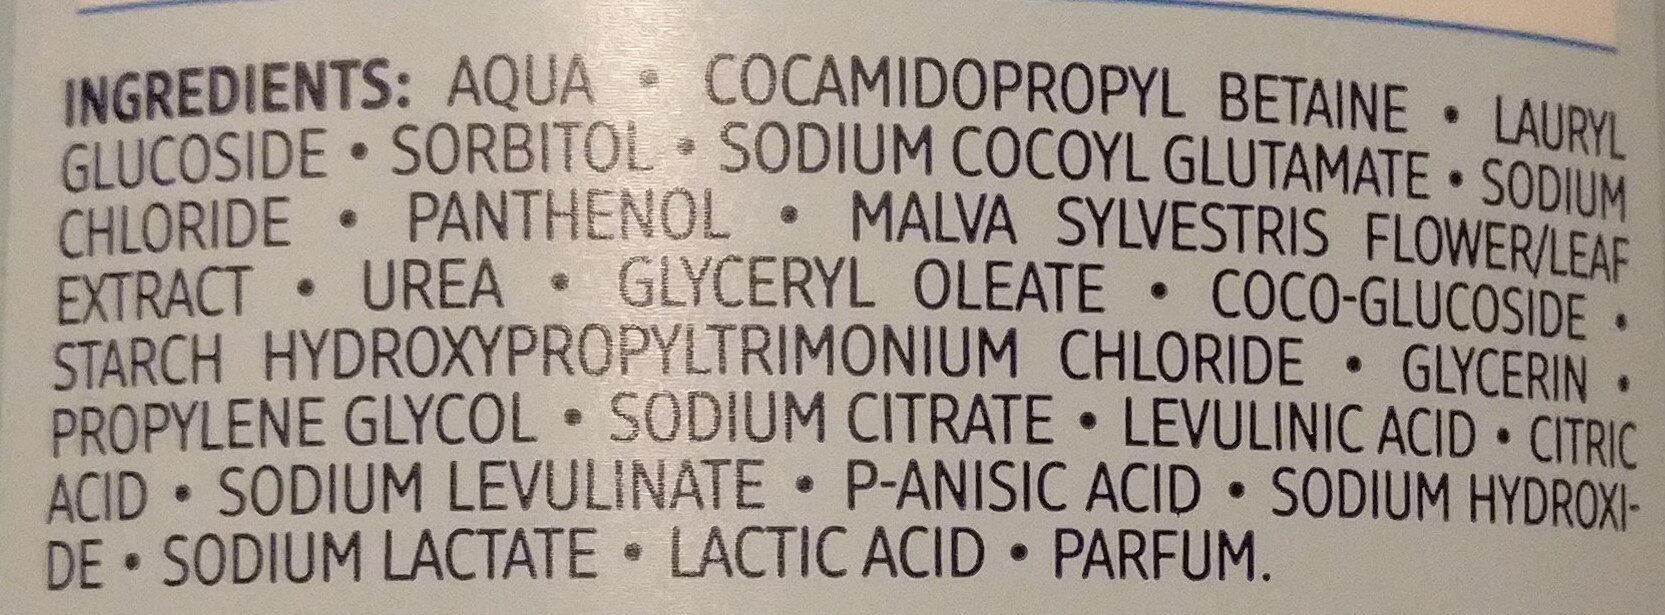 Reinigendes Waschgel - Ingredients